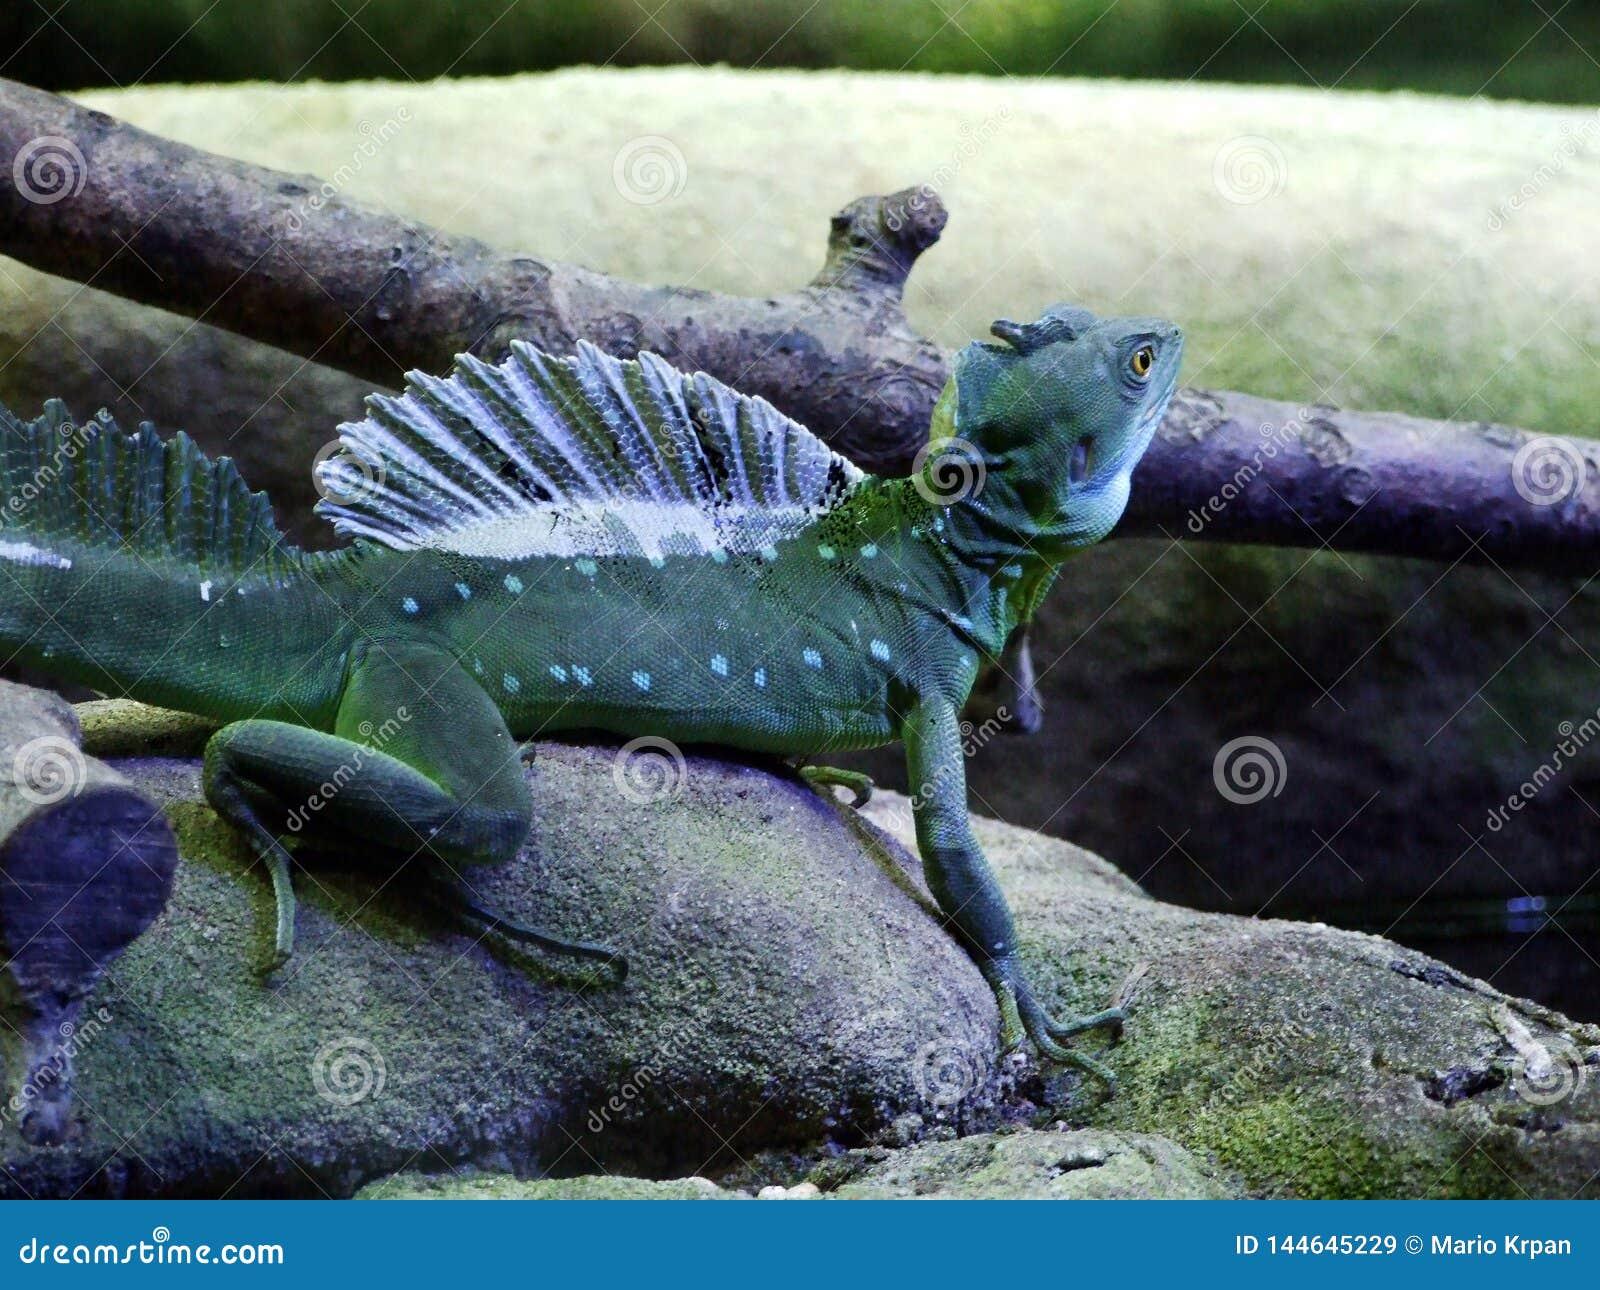 饰以羽毛的蛇怪蛇怪plumifrons、绿色蛇怪、双重有顶饰蛇怪、耶稣基督蜥蜴或者Stirnlappenbasilisk